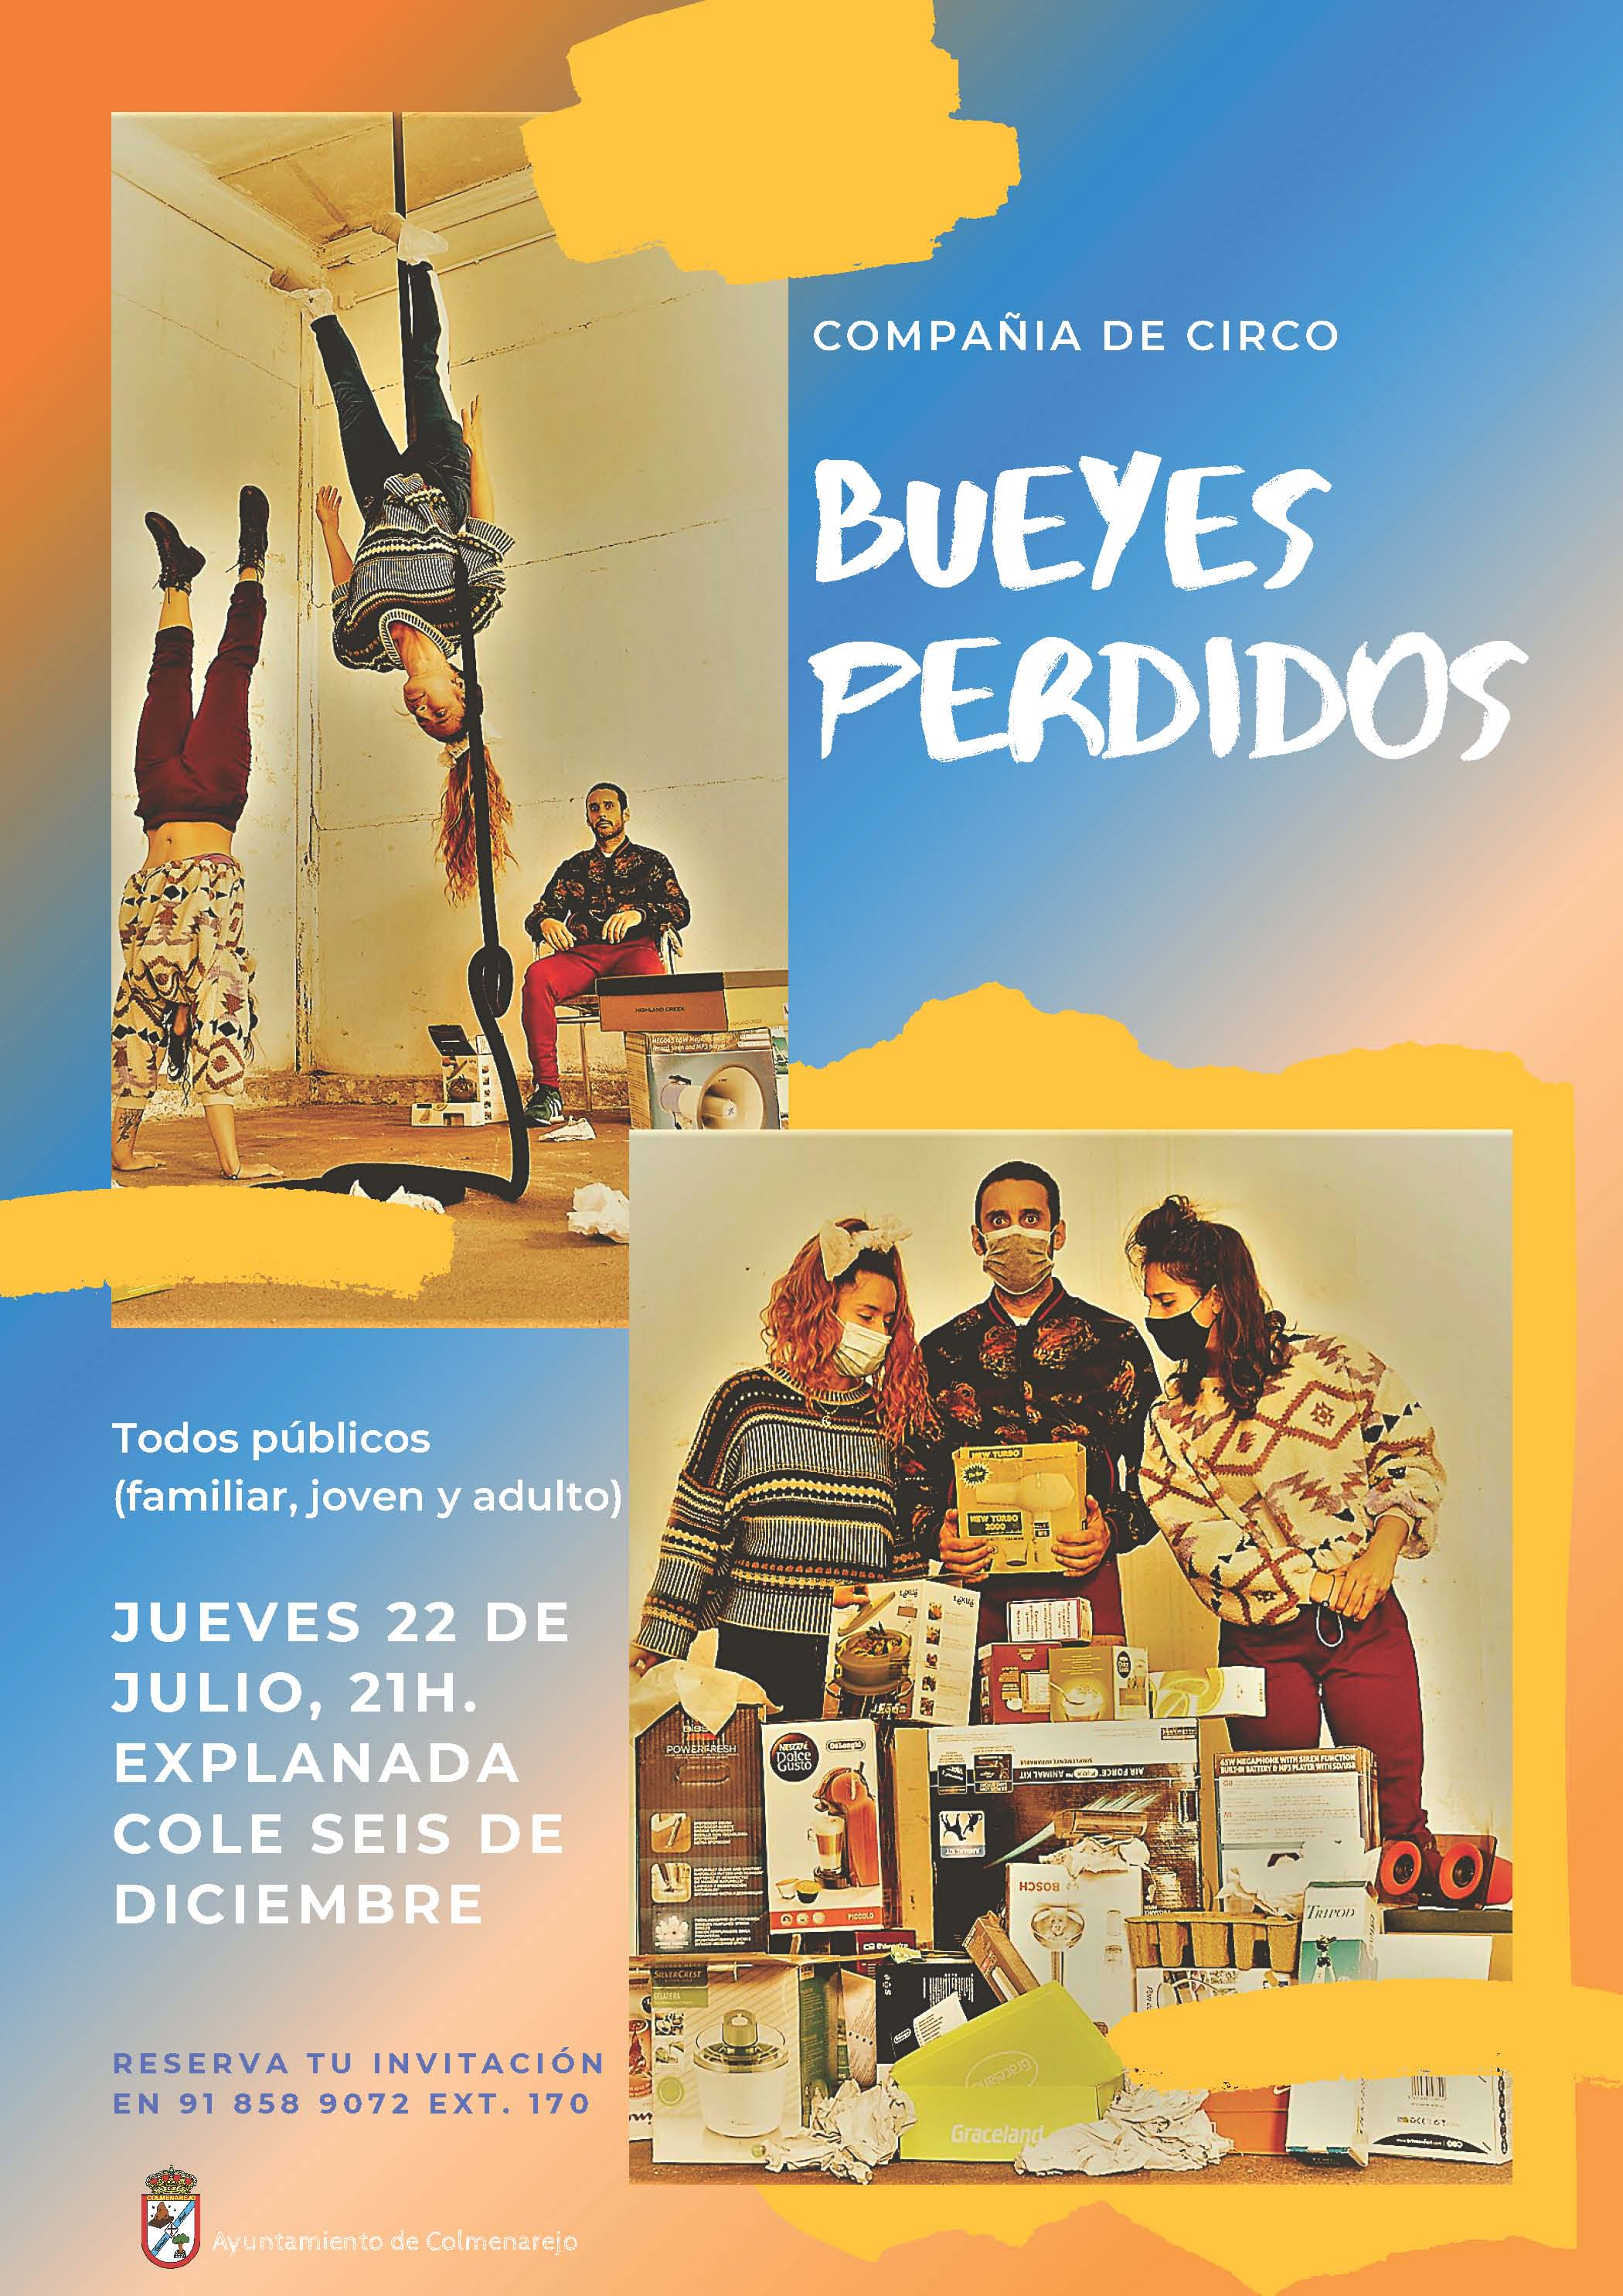 Verano cultural: CIRCO BUEYES PERDIDOS @ Explanada Seis de Diciembre